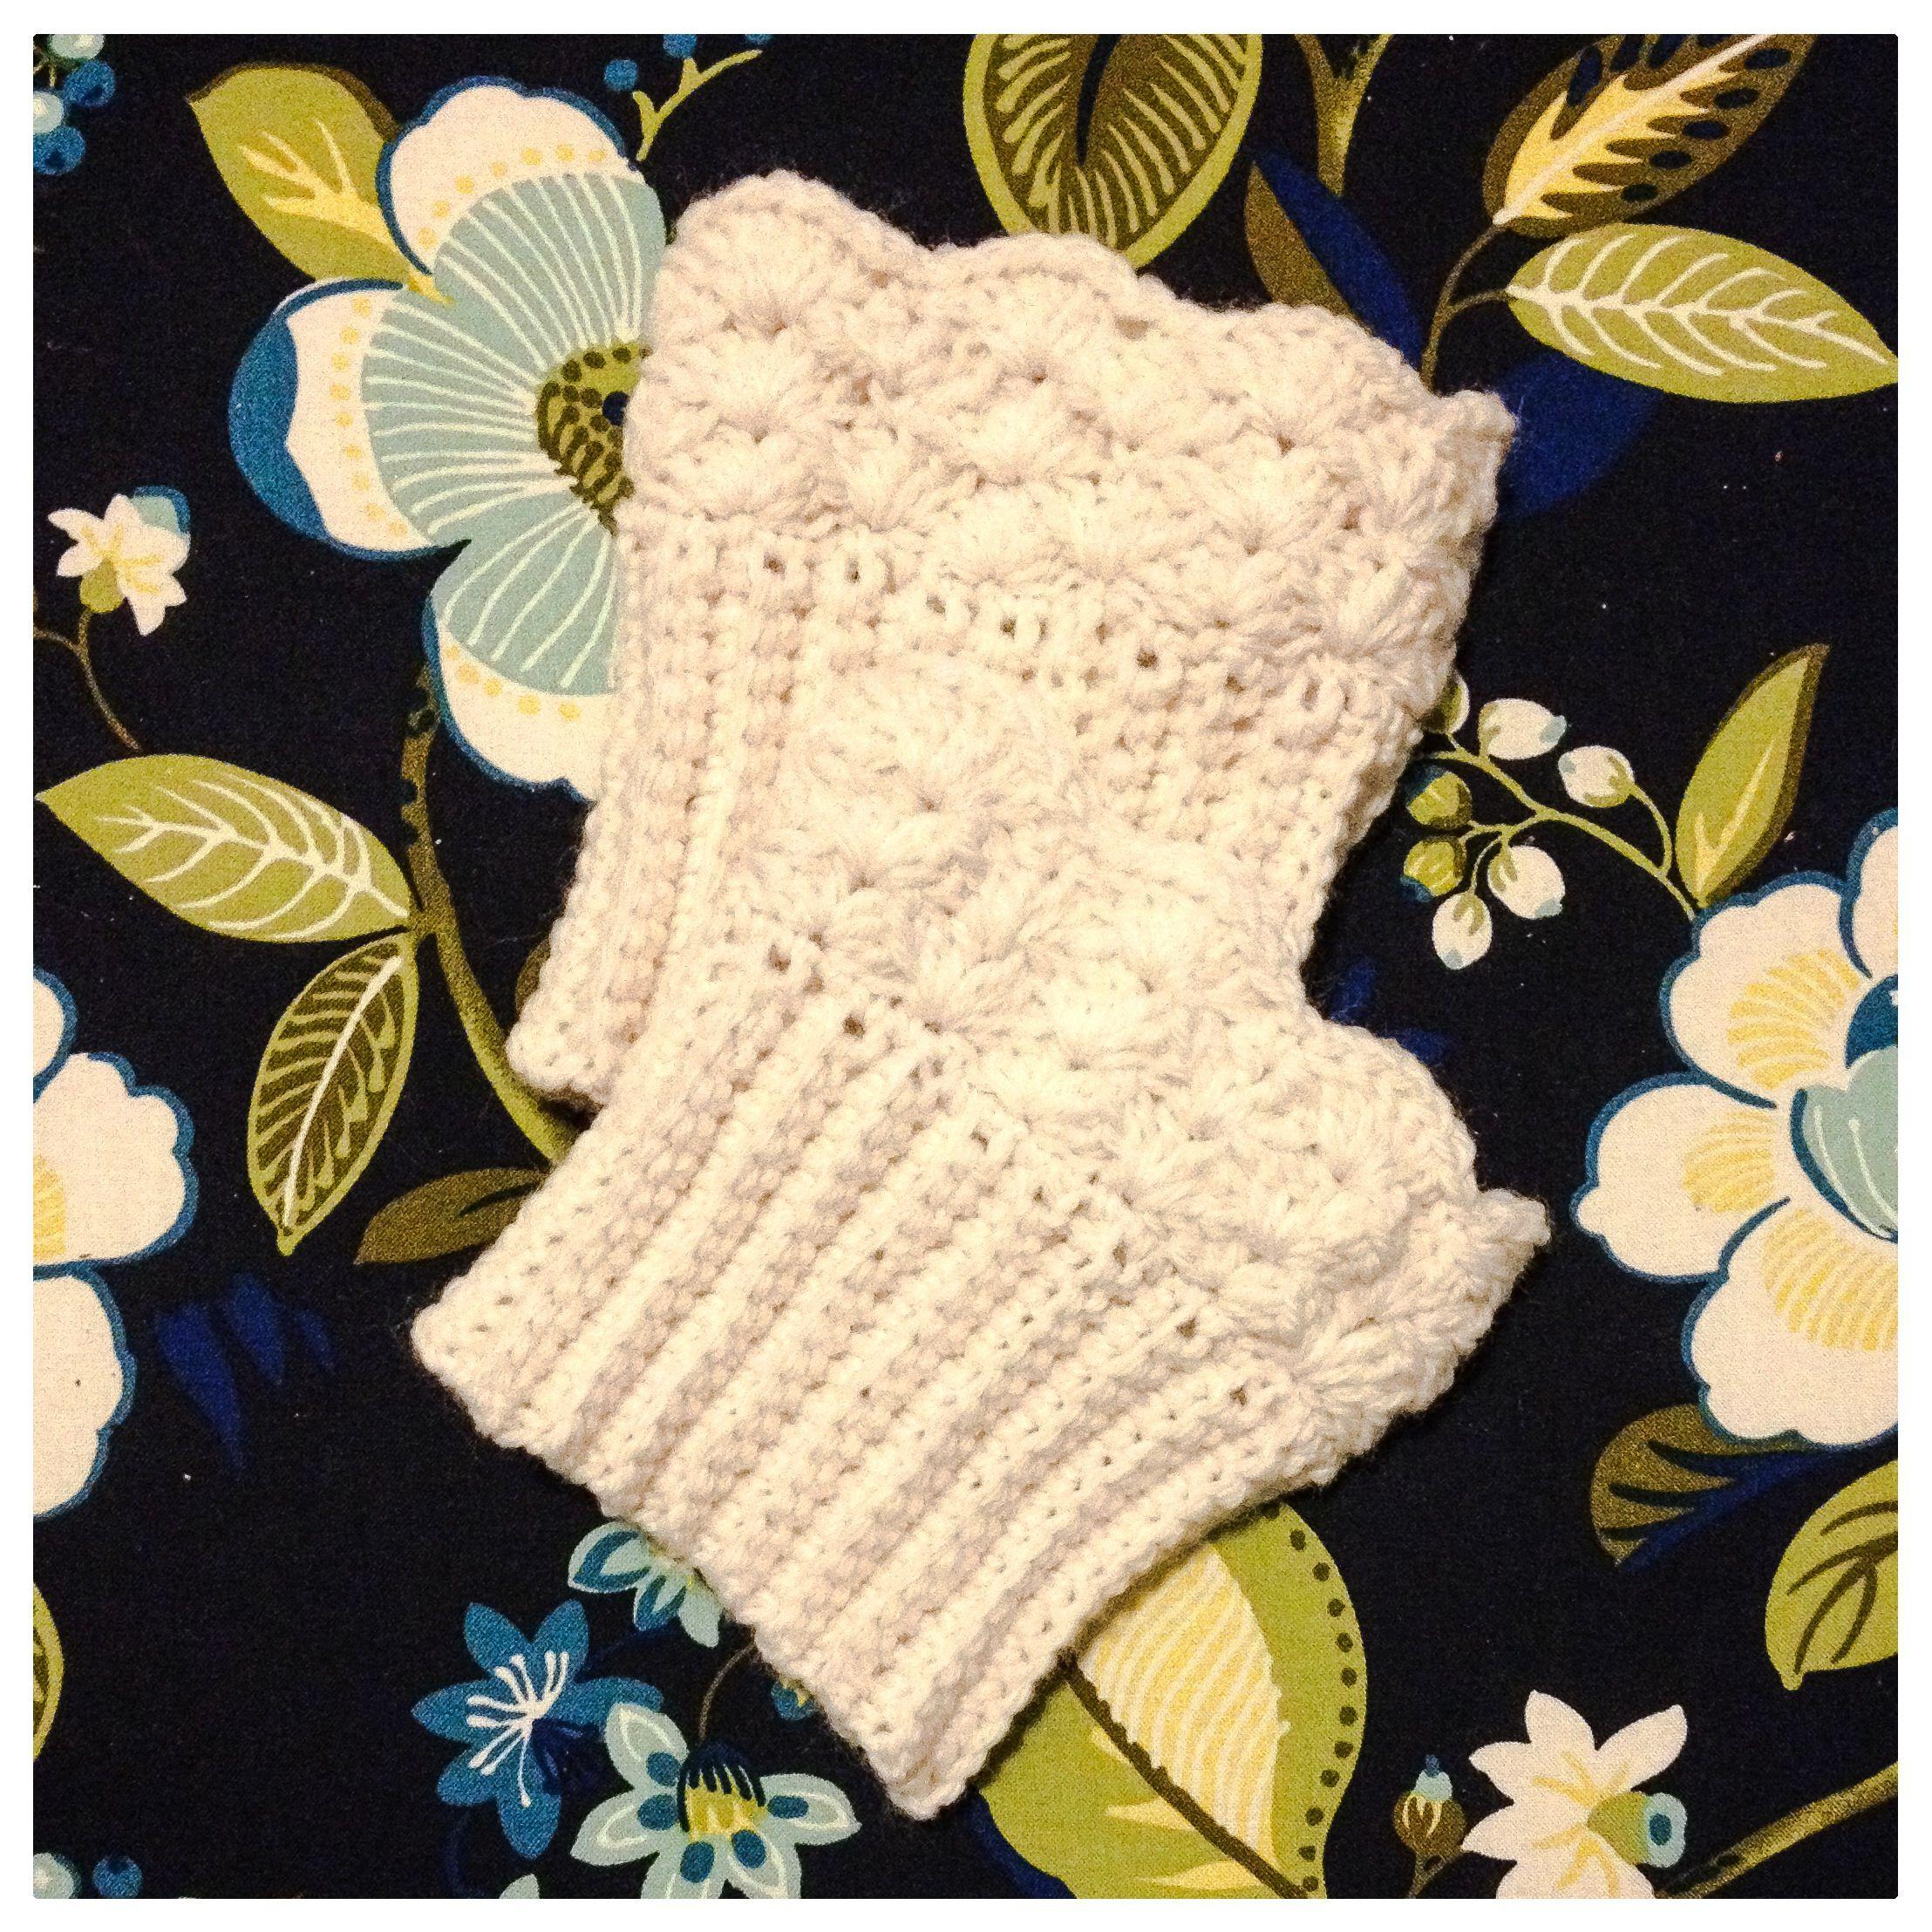 Free pattern free crochet scalloped boot cuff pattern crochet free pattern free crochet scalloped boot cuff pattern bankloansurffo Choice Image